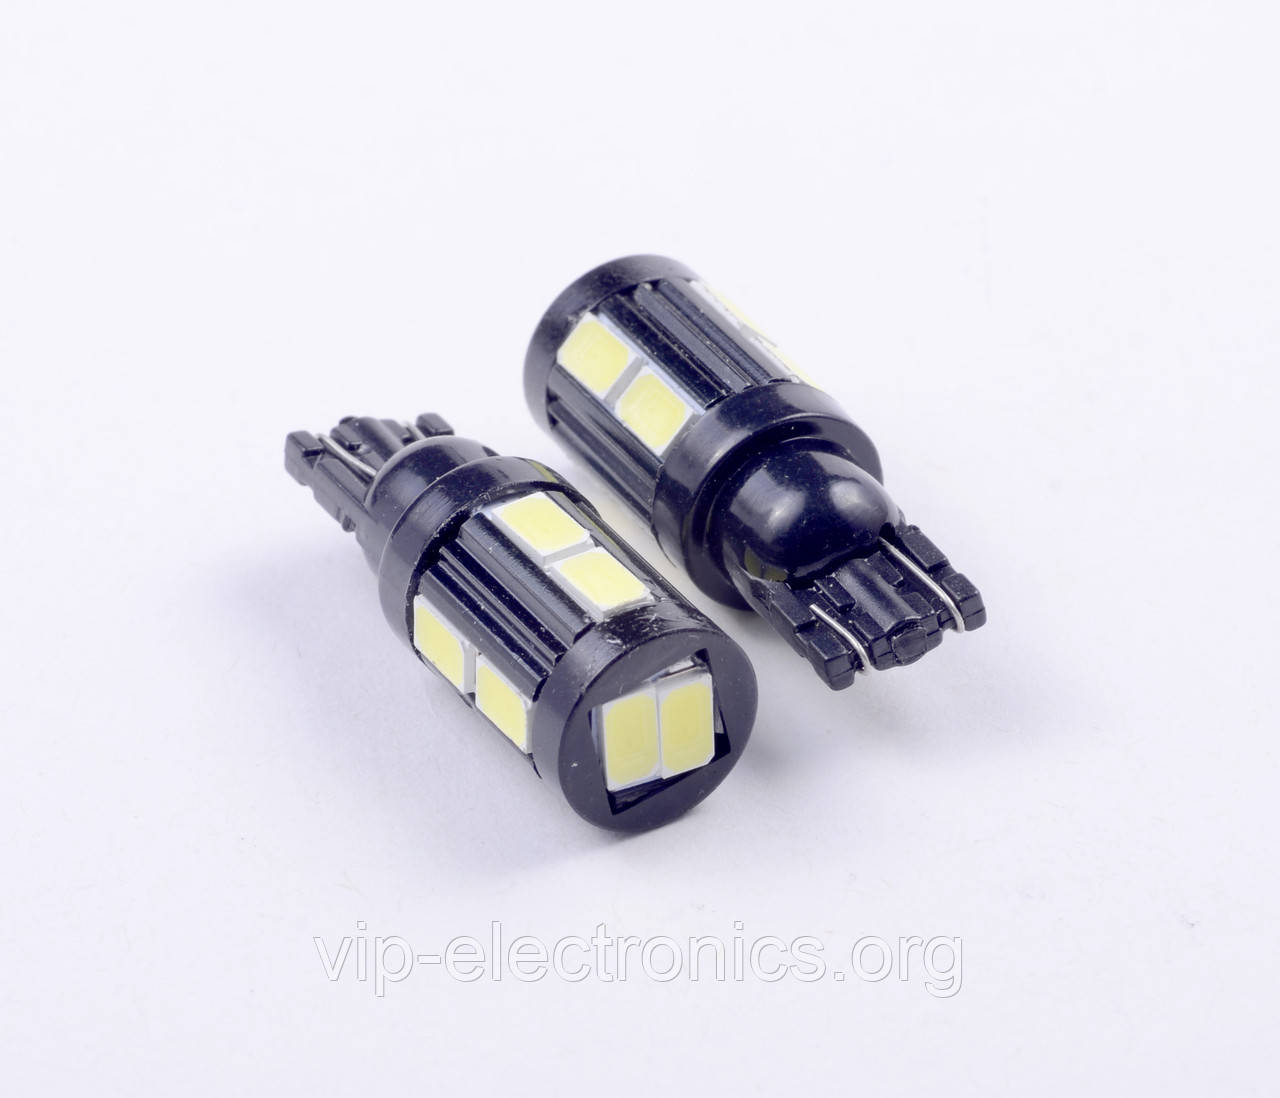 Світлодіодна автолампа для цоколя T10-5630-10SMD лінза,корпус-алюм